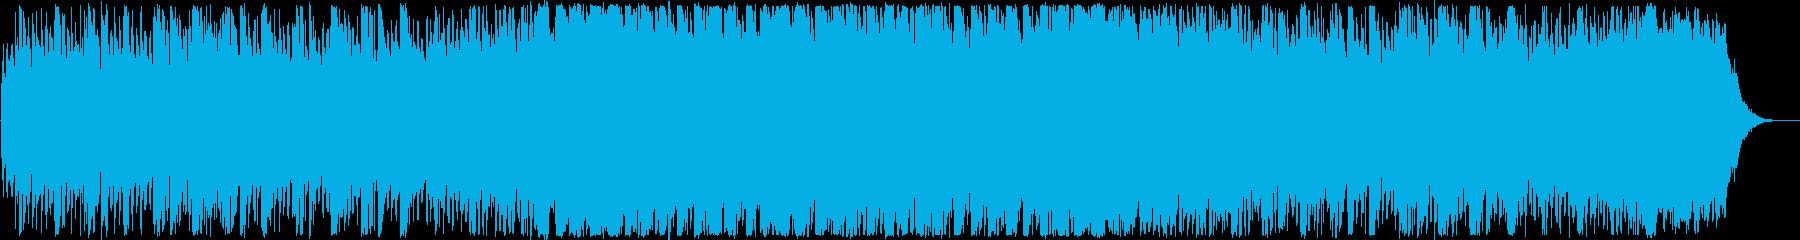 オープニング・キラキラ楽しい洋楽EDMの再生済みの波形